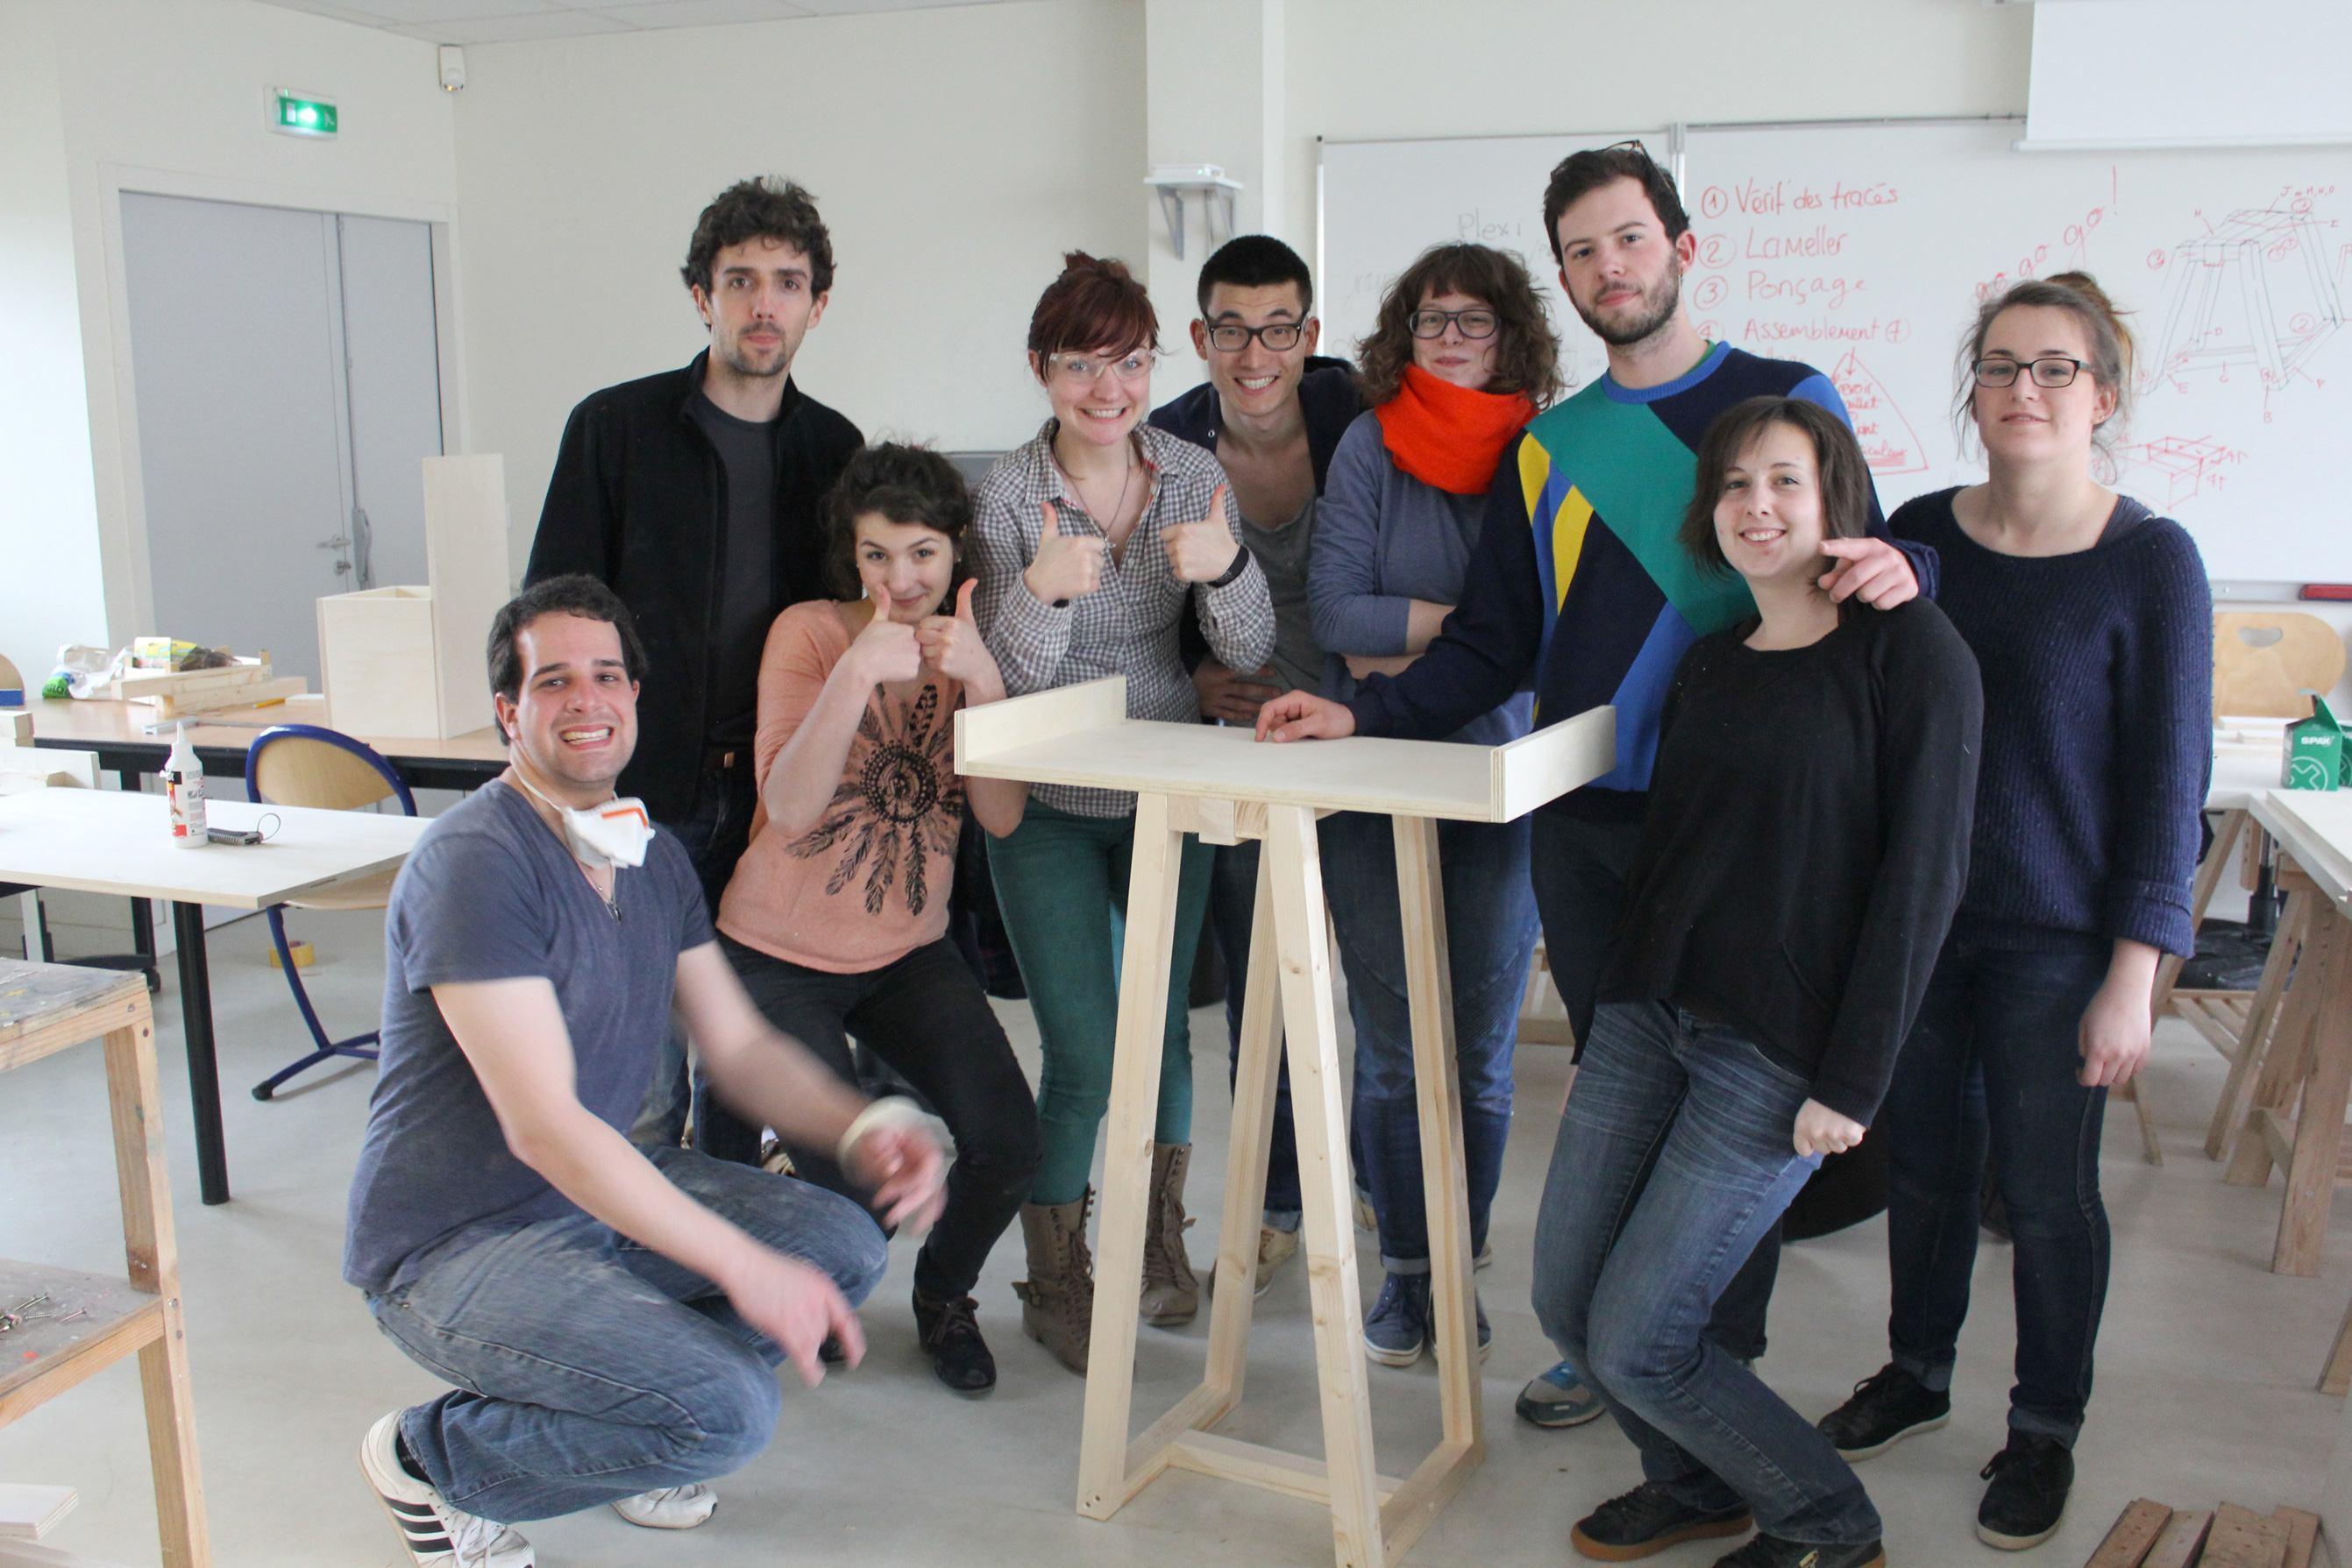 equipe_cristallographie_scenography_exposition_entrez_en_matiere_diapason_rennes_magemi_laab-pierre-felix-so